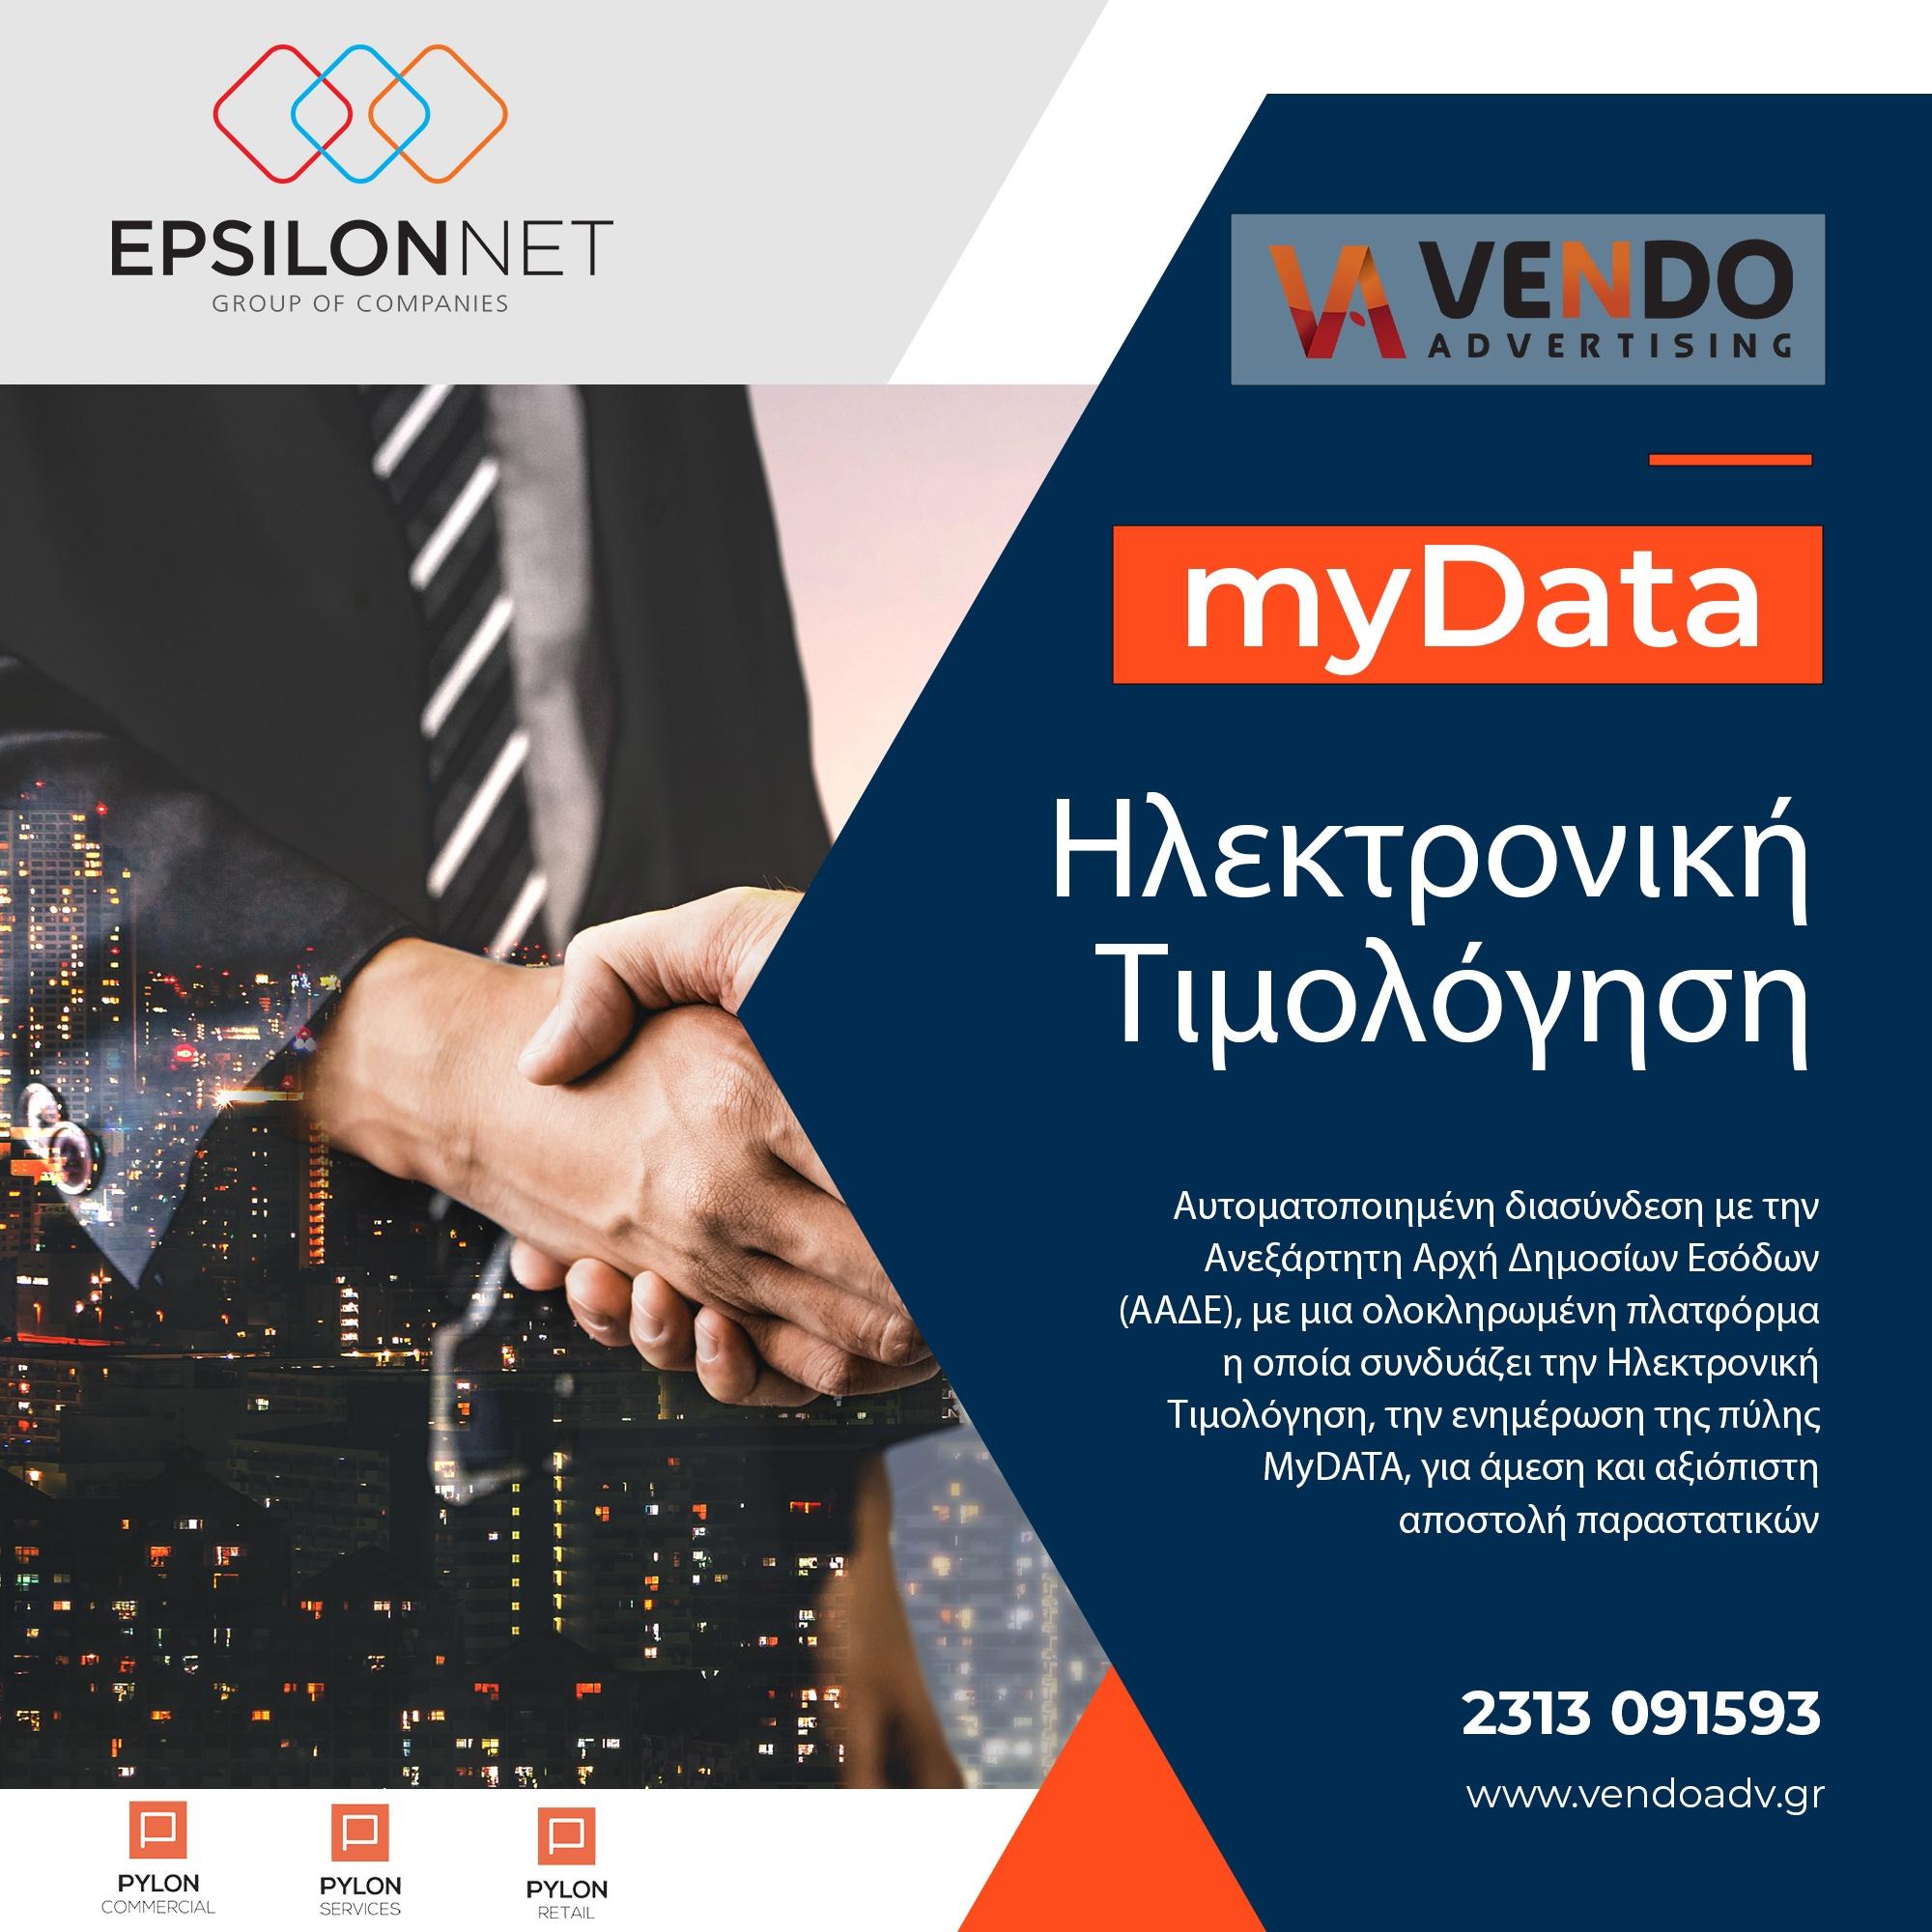 Ηλεκτρονική τιμολόγηση mydata Θεσσαλονίκη